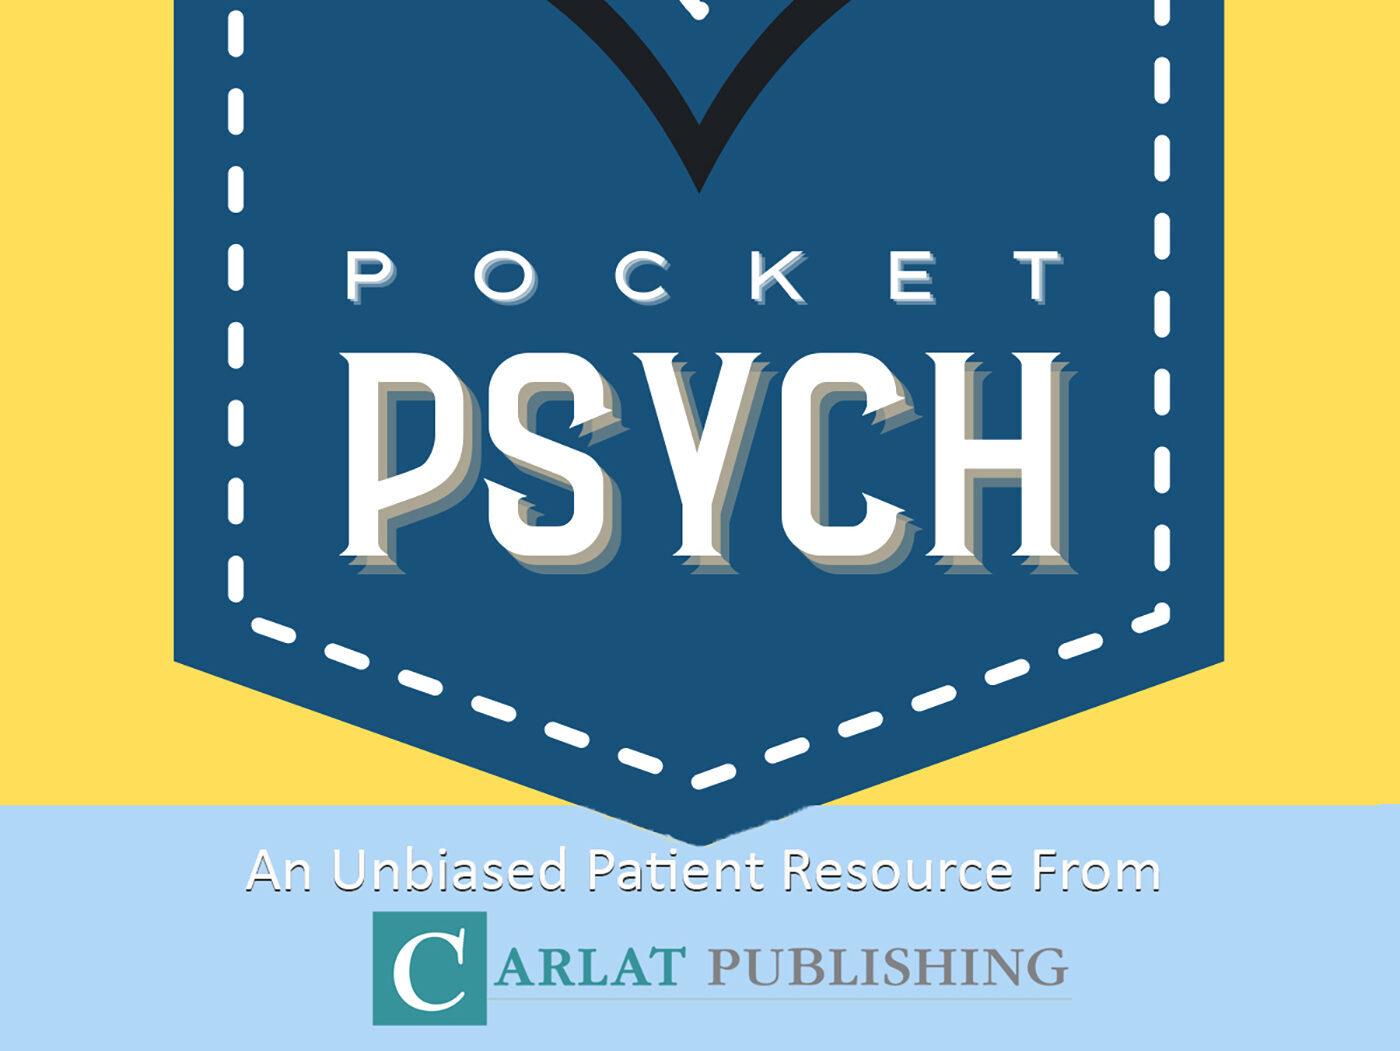 The Pocket Psychiatrist: A Carlat Podcast